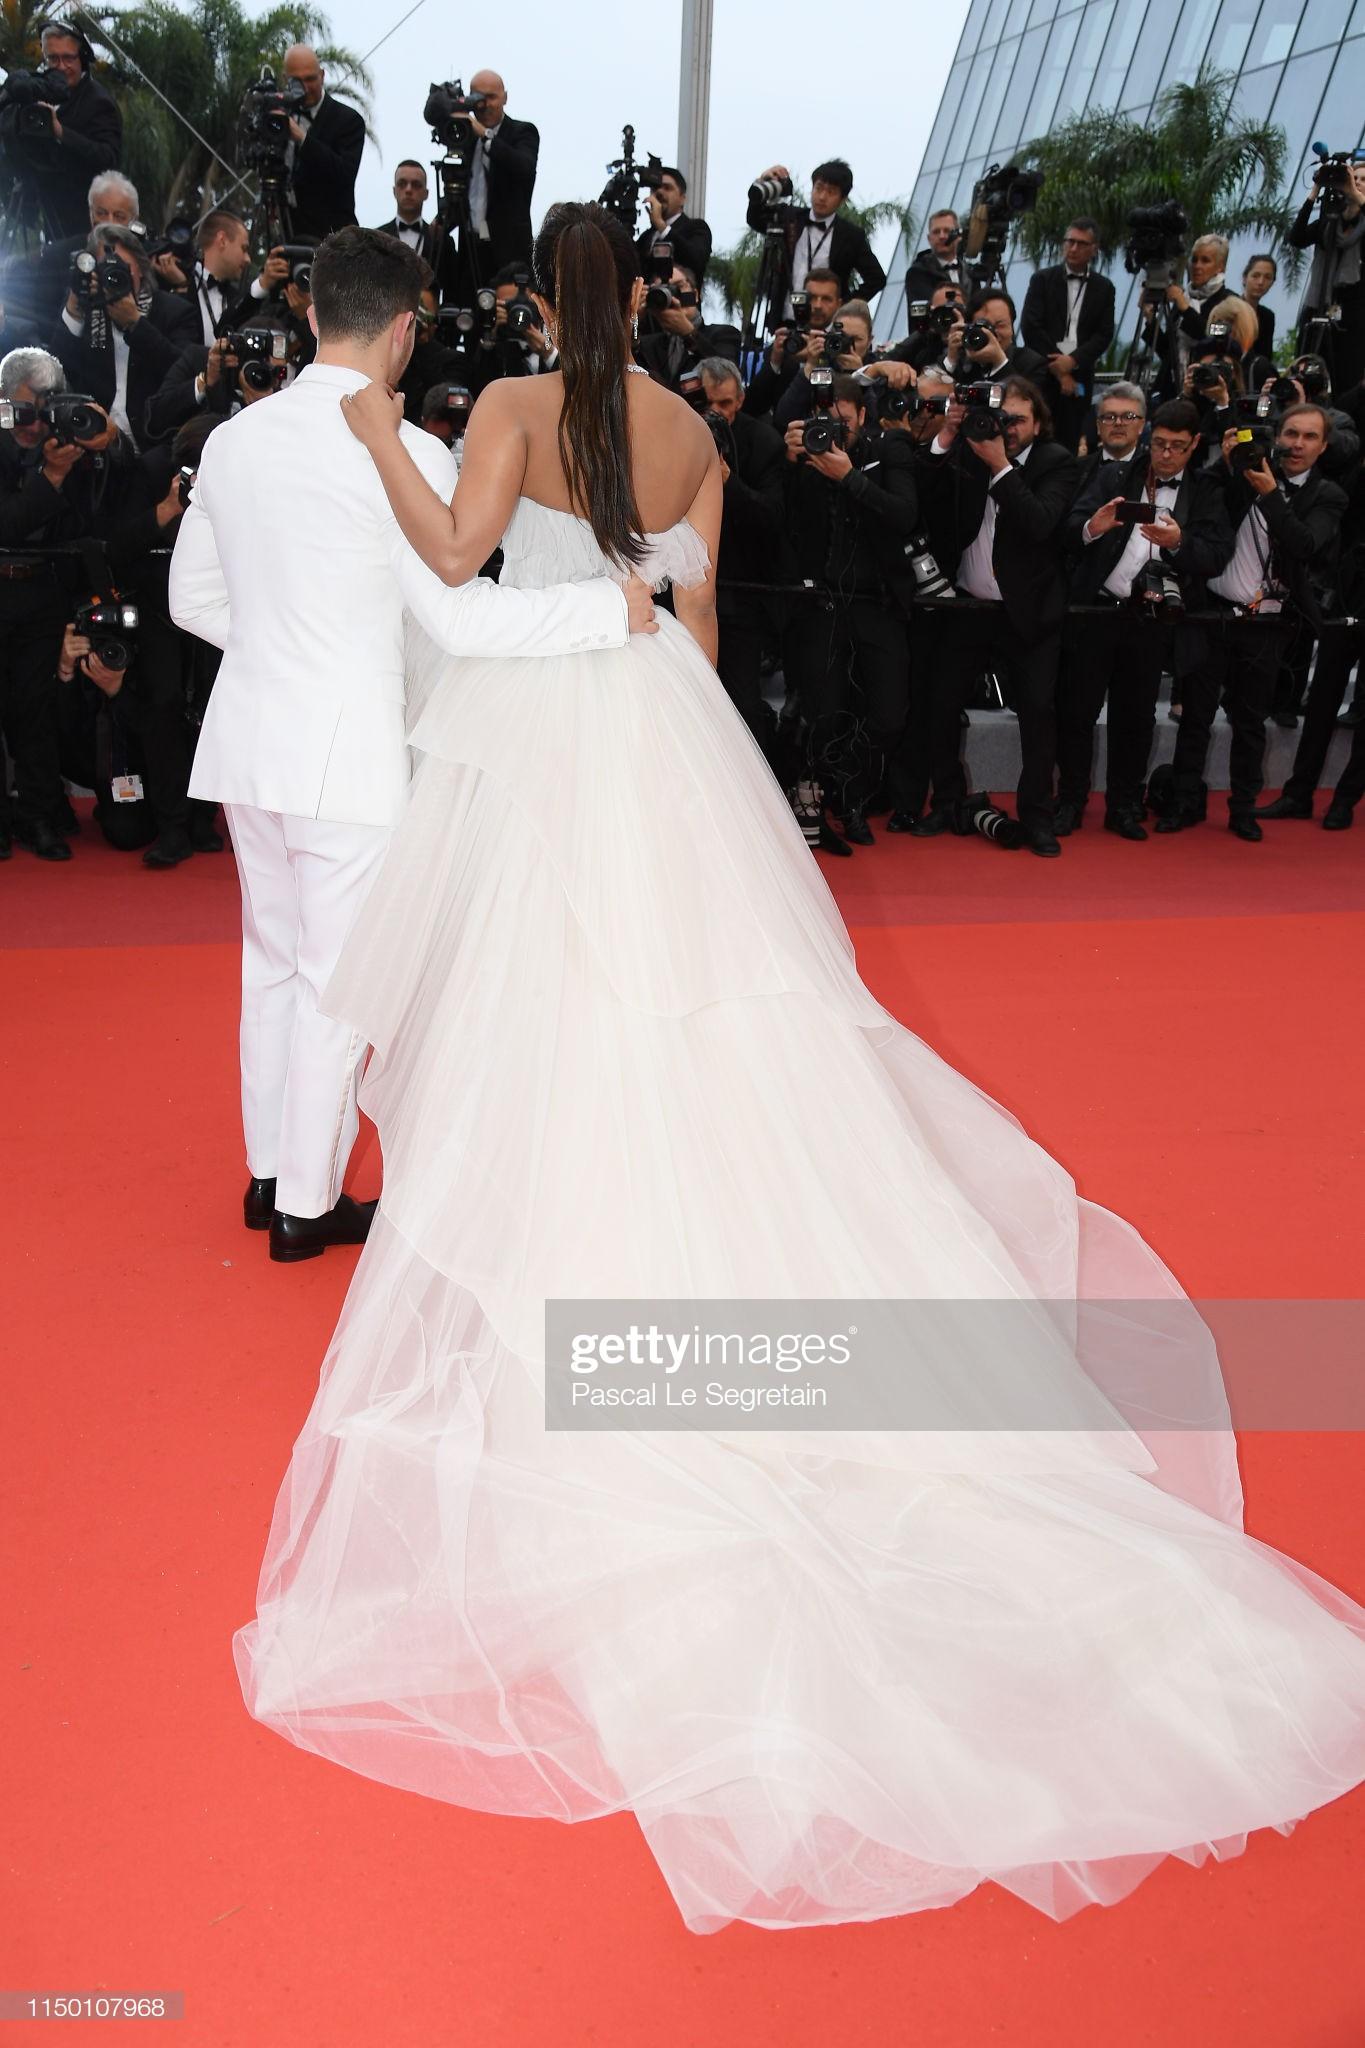 Thảm đỏ Cannes nhường spotlight cho Nick Jonas cung phụng Hoa hậu, Sui He gây sốc như không mặc gì - Ảnh 2.